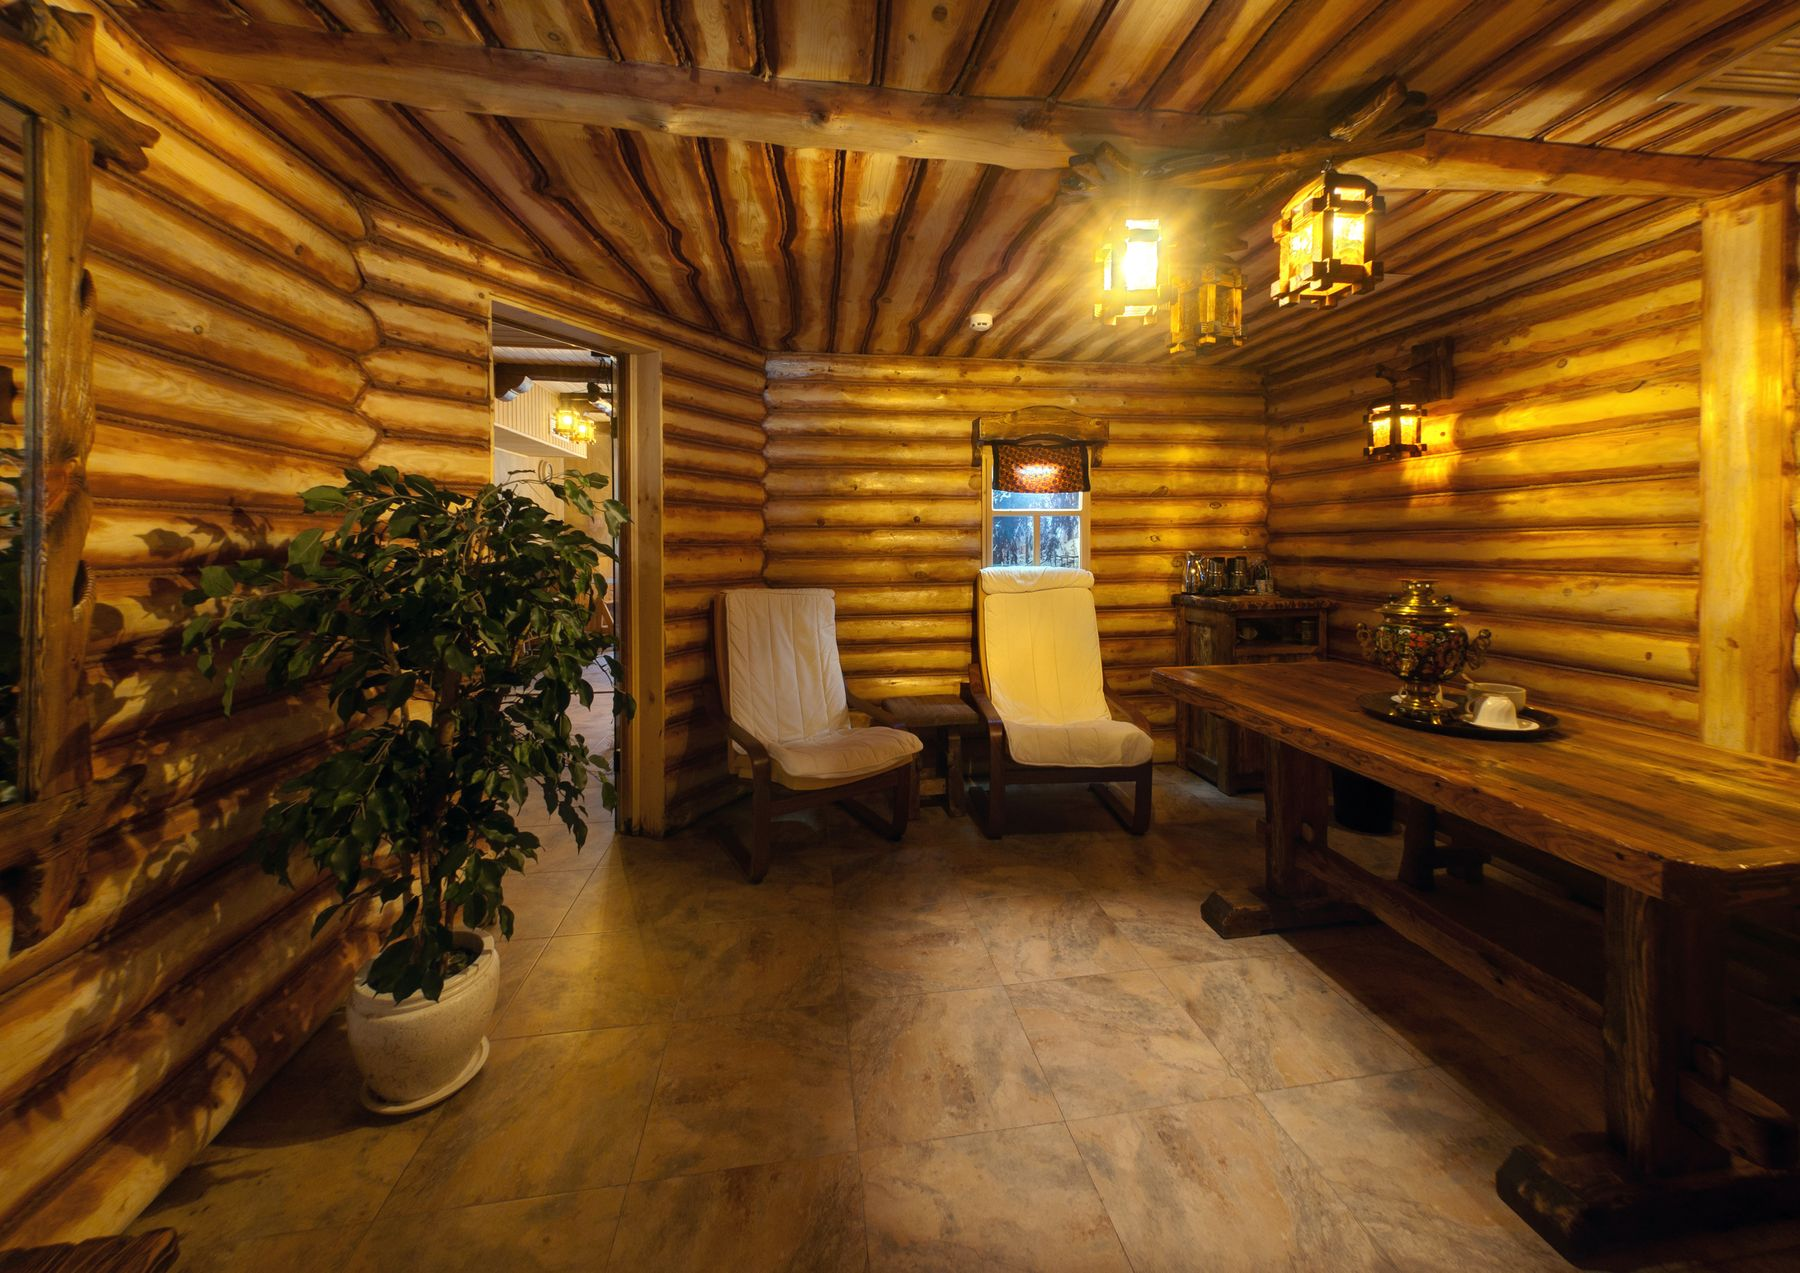 Русская баня «Ревиталь Парк» заряжает энергией, снимает стресс, улучшает сон и повышает иммунитет